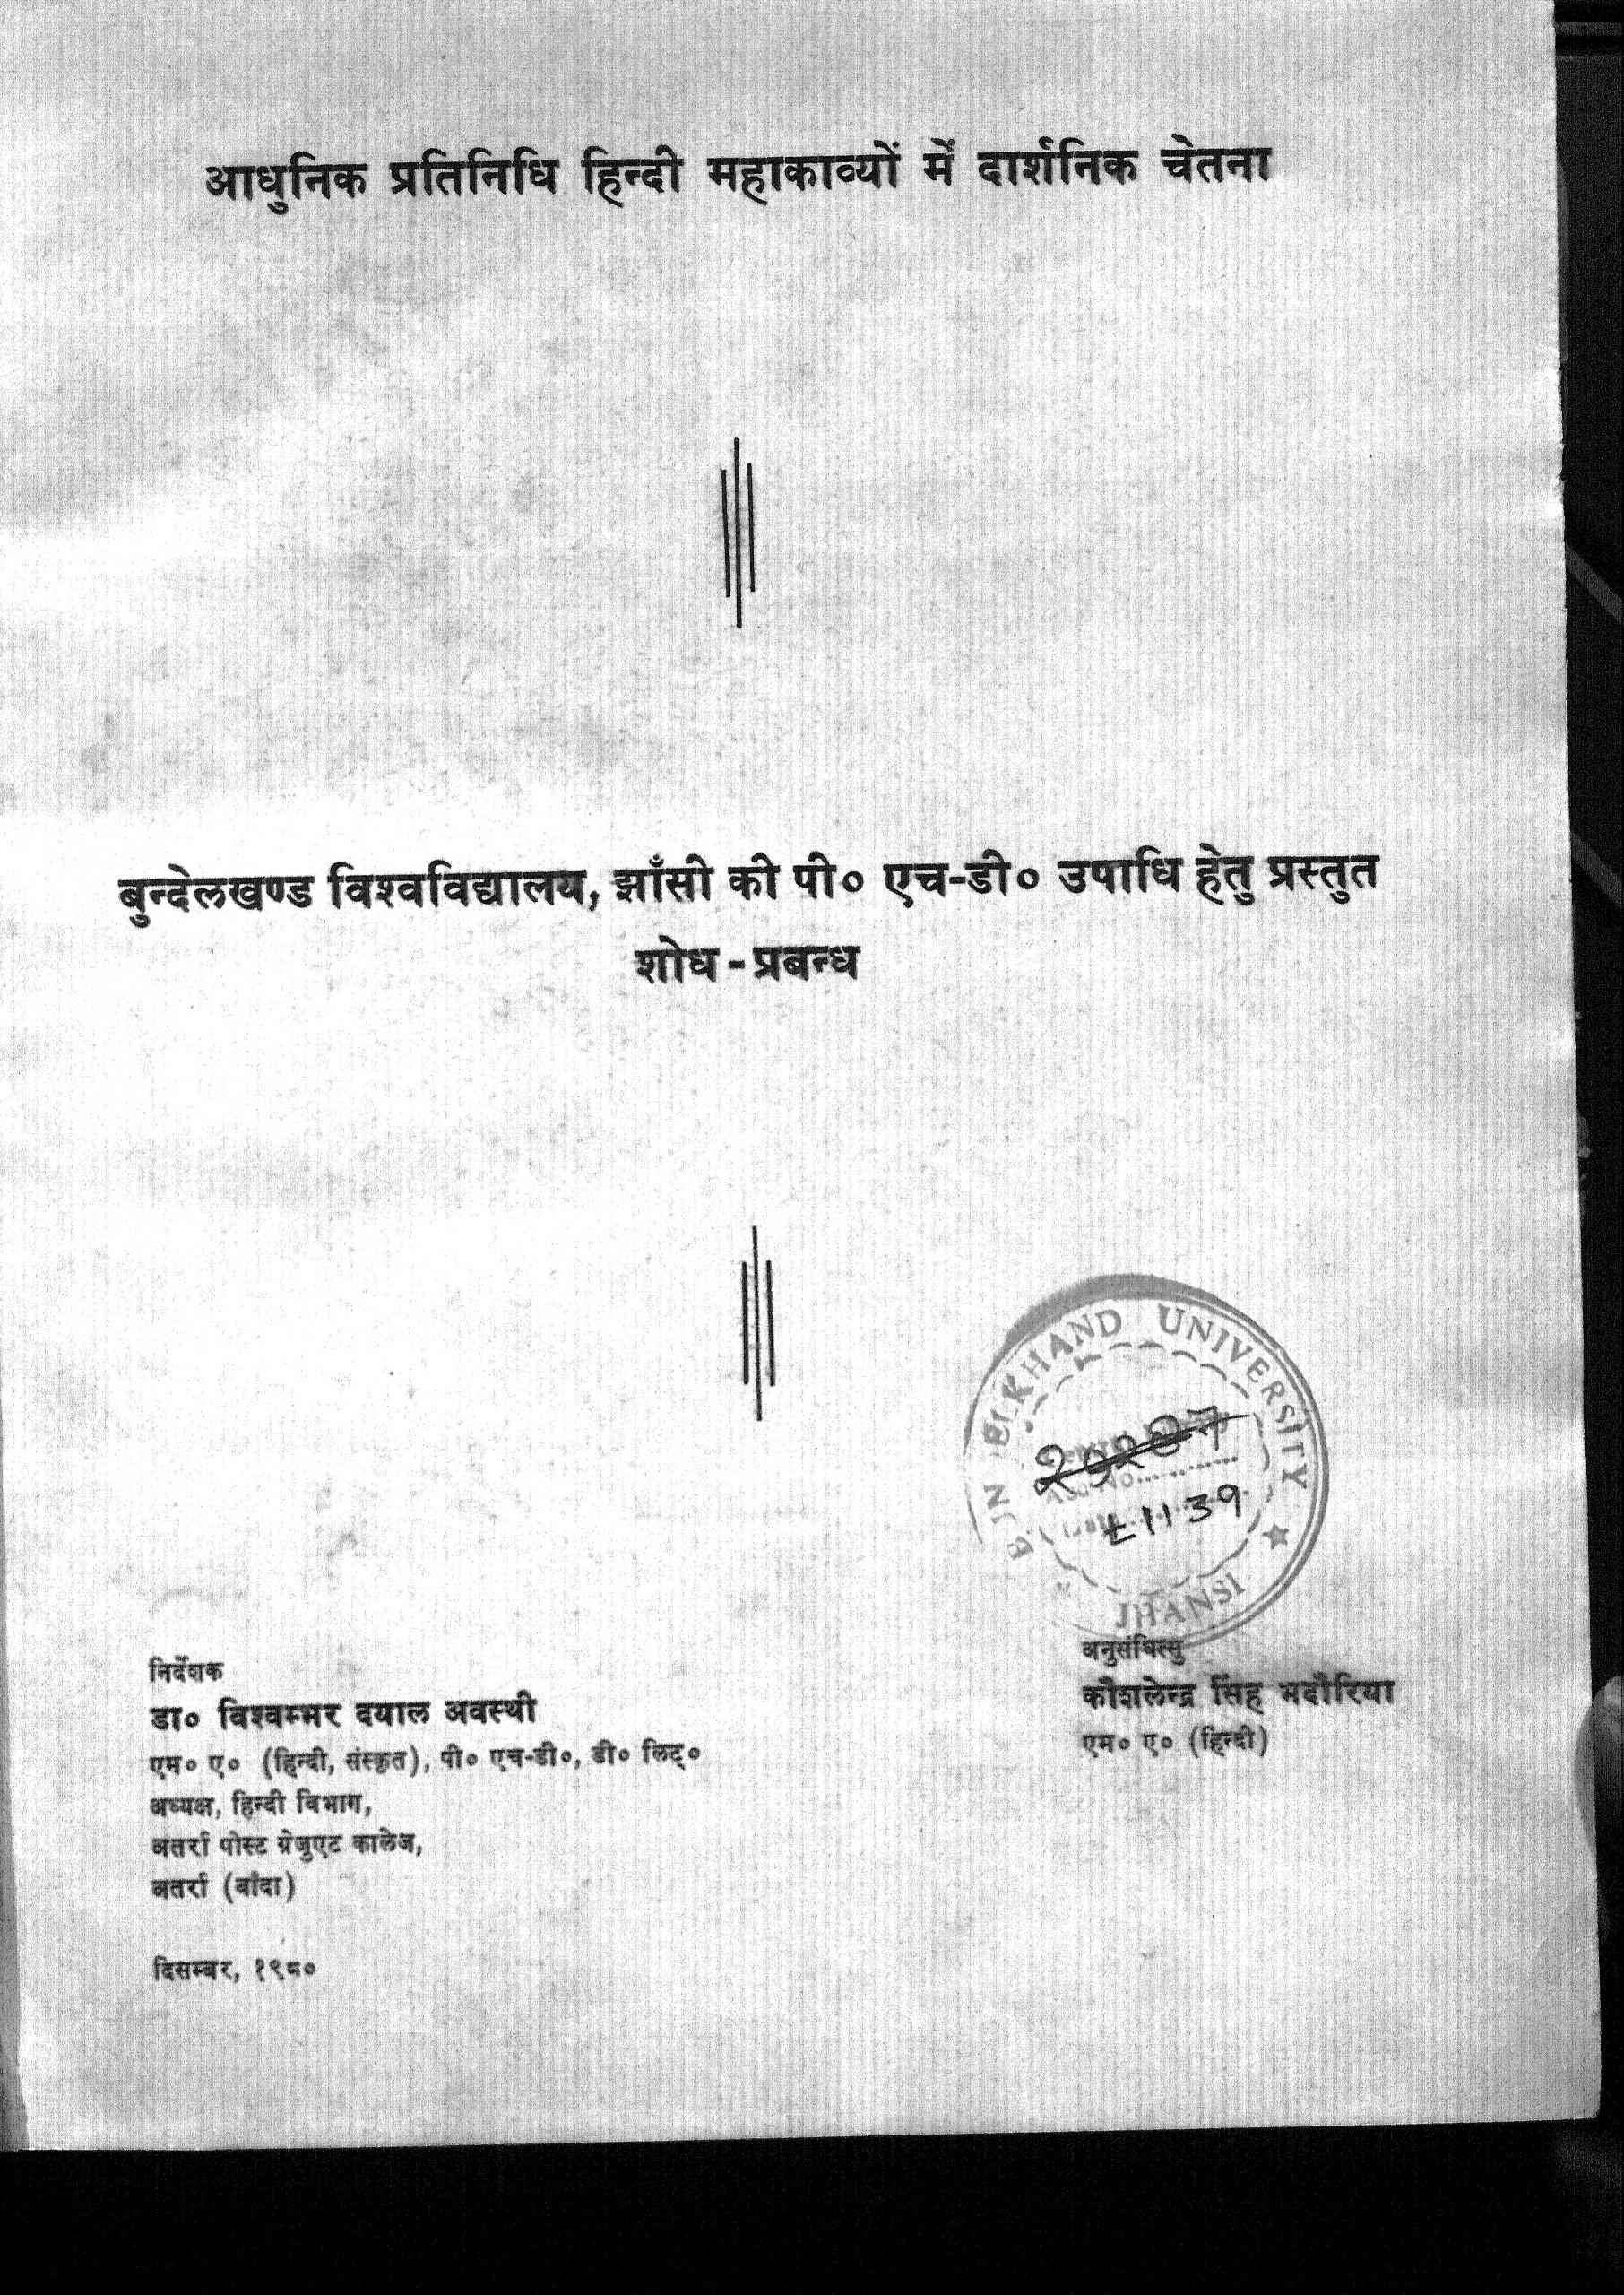 Book Image : आधुनिक प्रतिनिधि हिन्दी महाकाव्यों में दार्शनिक चेतना - Adhunik Pratinidhi Hindimahakavyo Men Darshanik Chetna